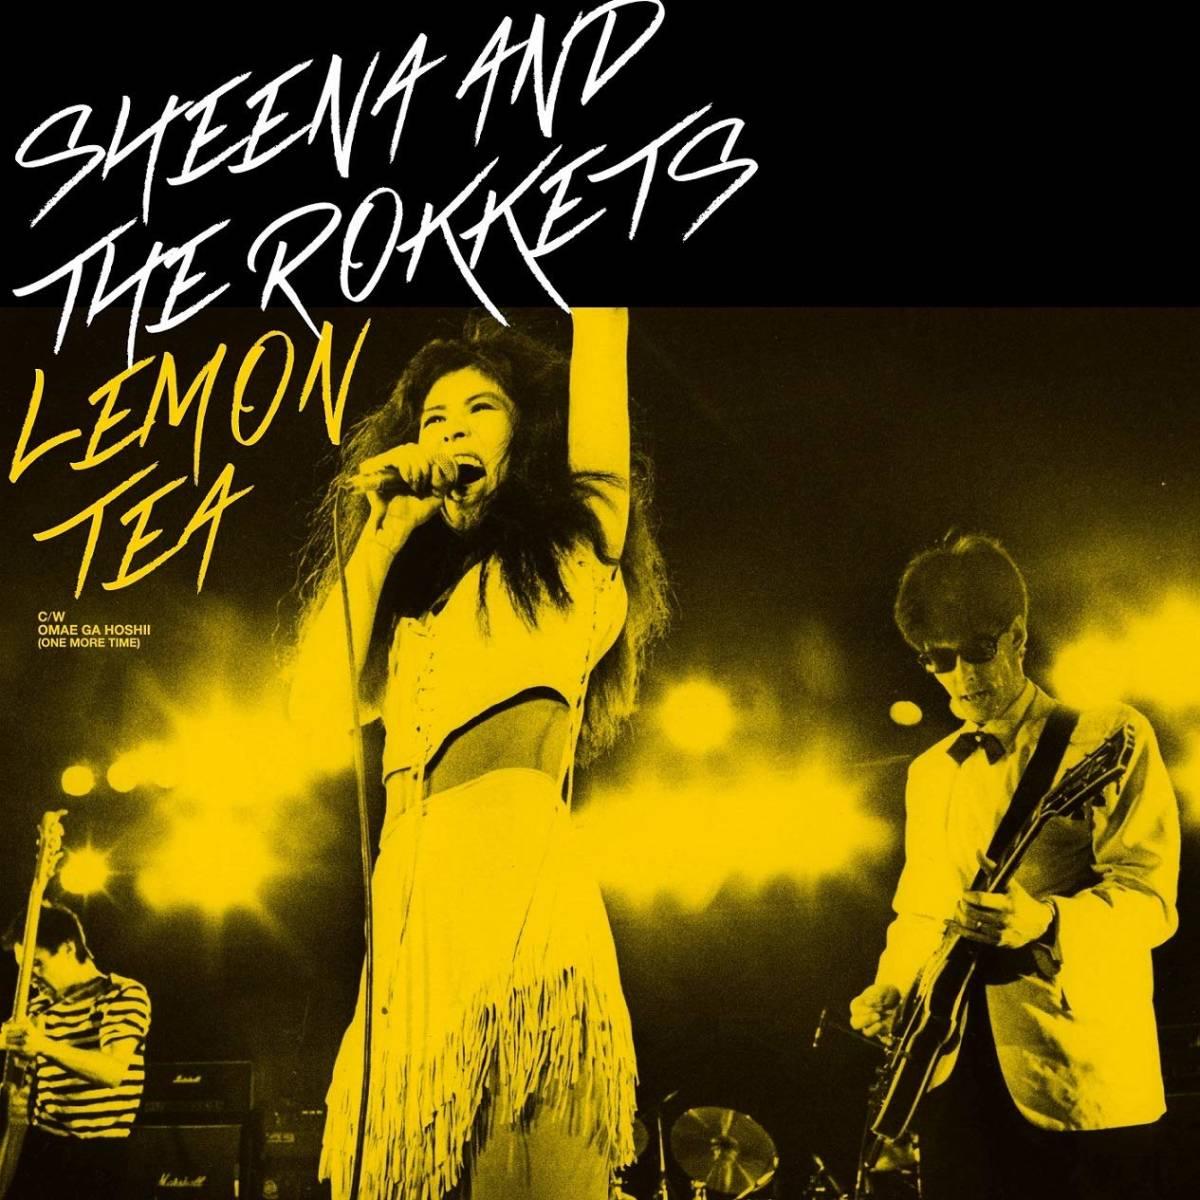 (新品未使用)完全生産限定盤 LEMON TEA シーナ&ロケッツ SHEENA&the ROKKETS レモンティー オマエガホシイ